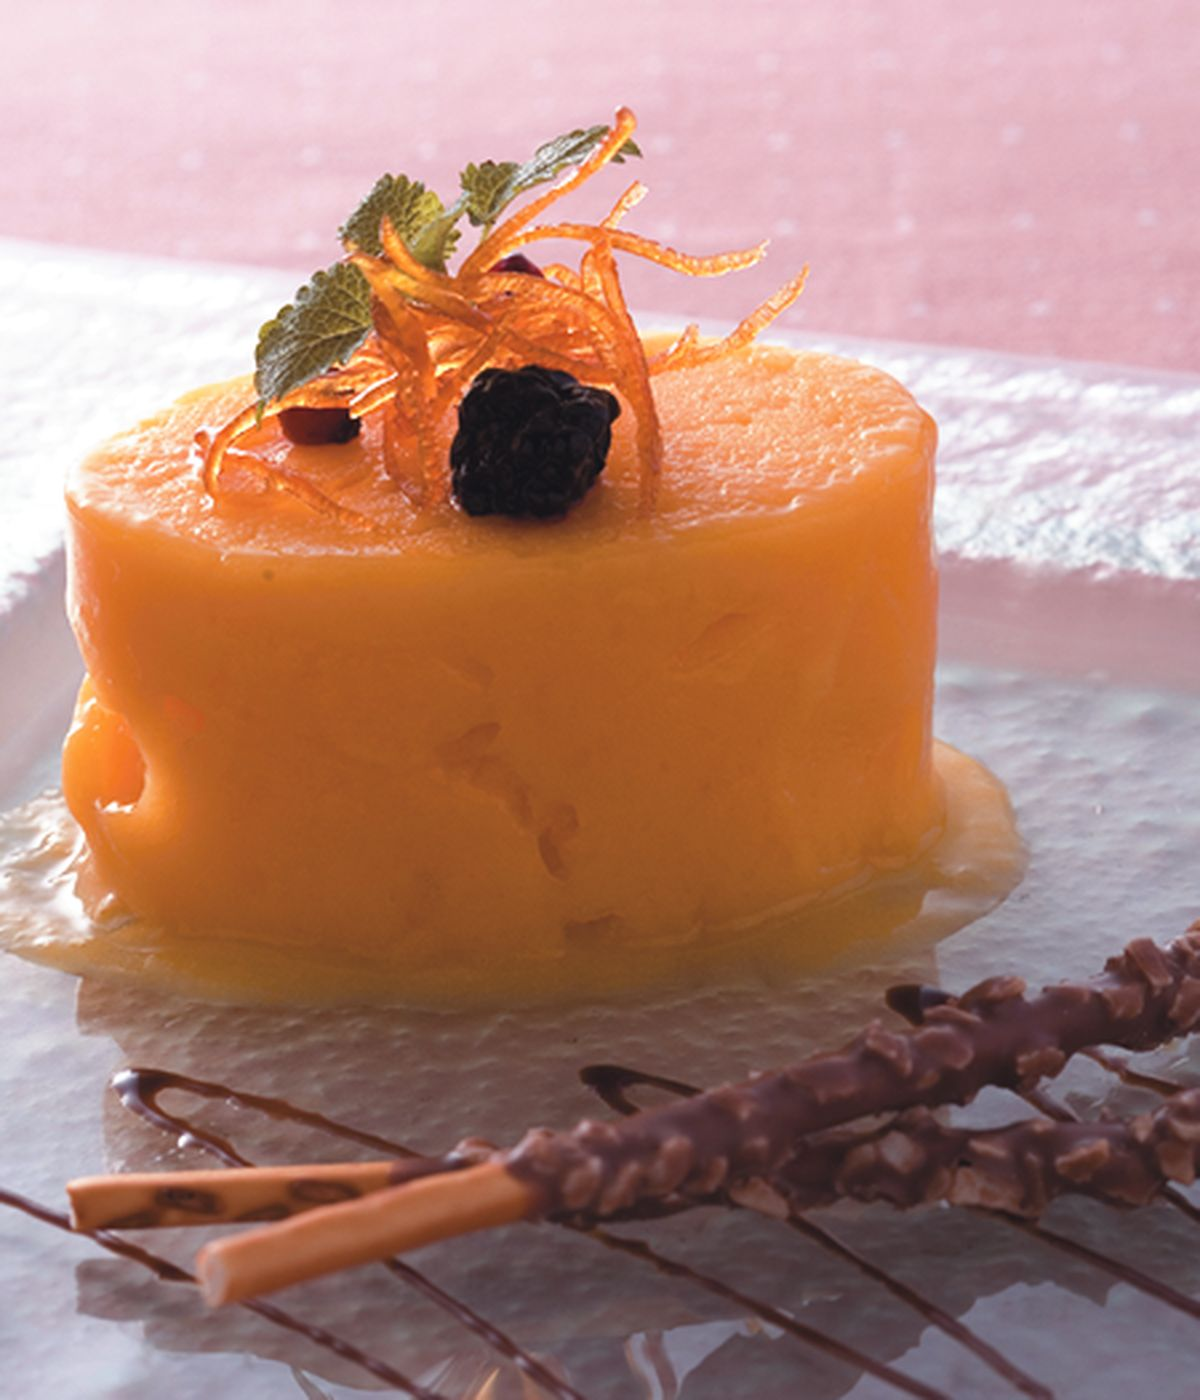 食譜:芒果雪泥冰